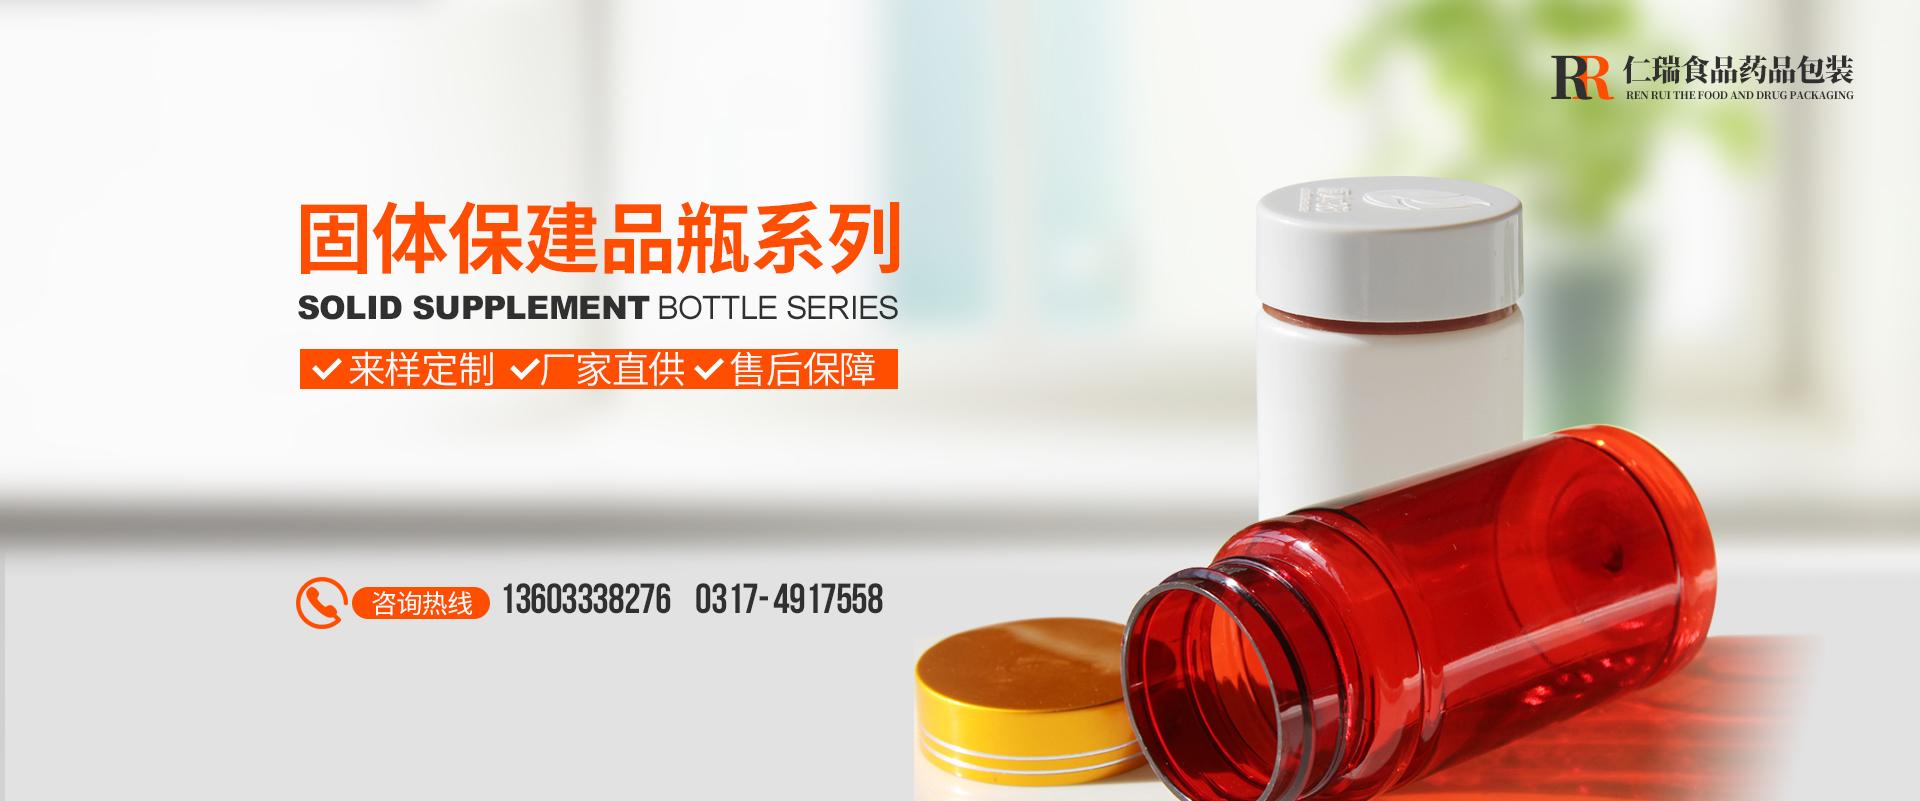 药医用塑料瓶厂家批发